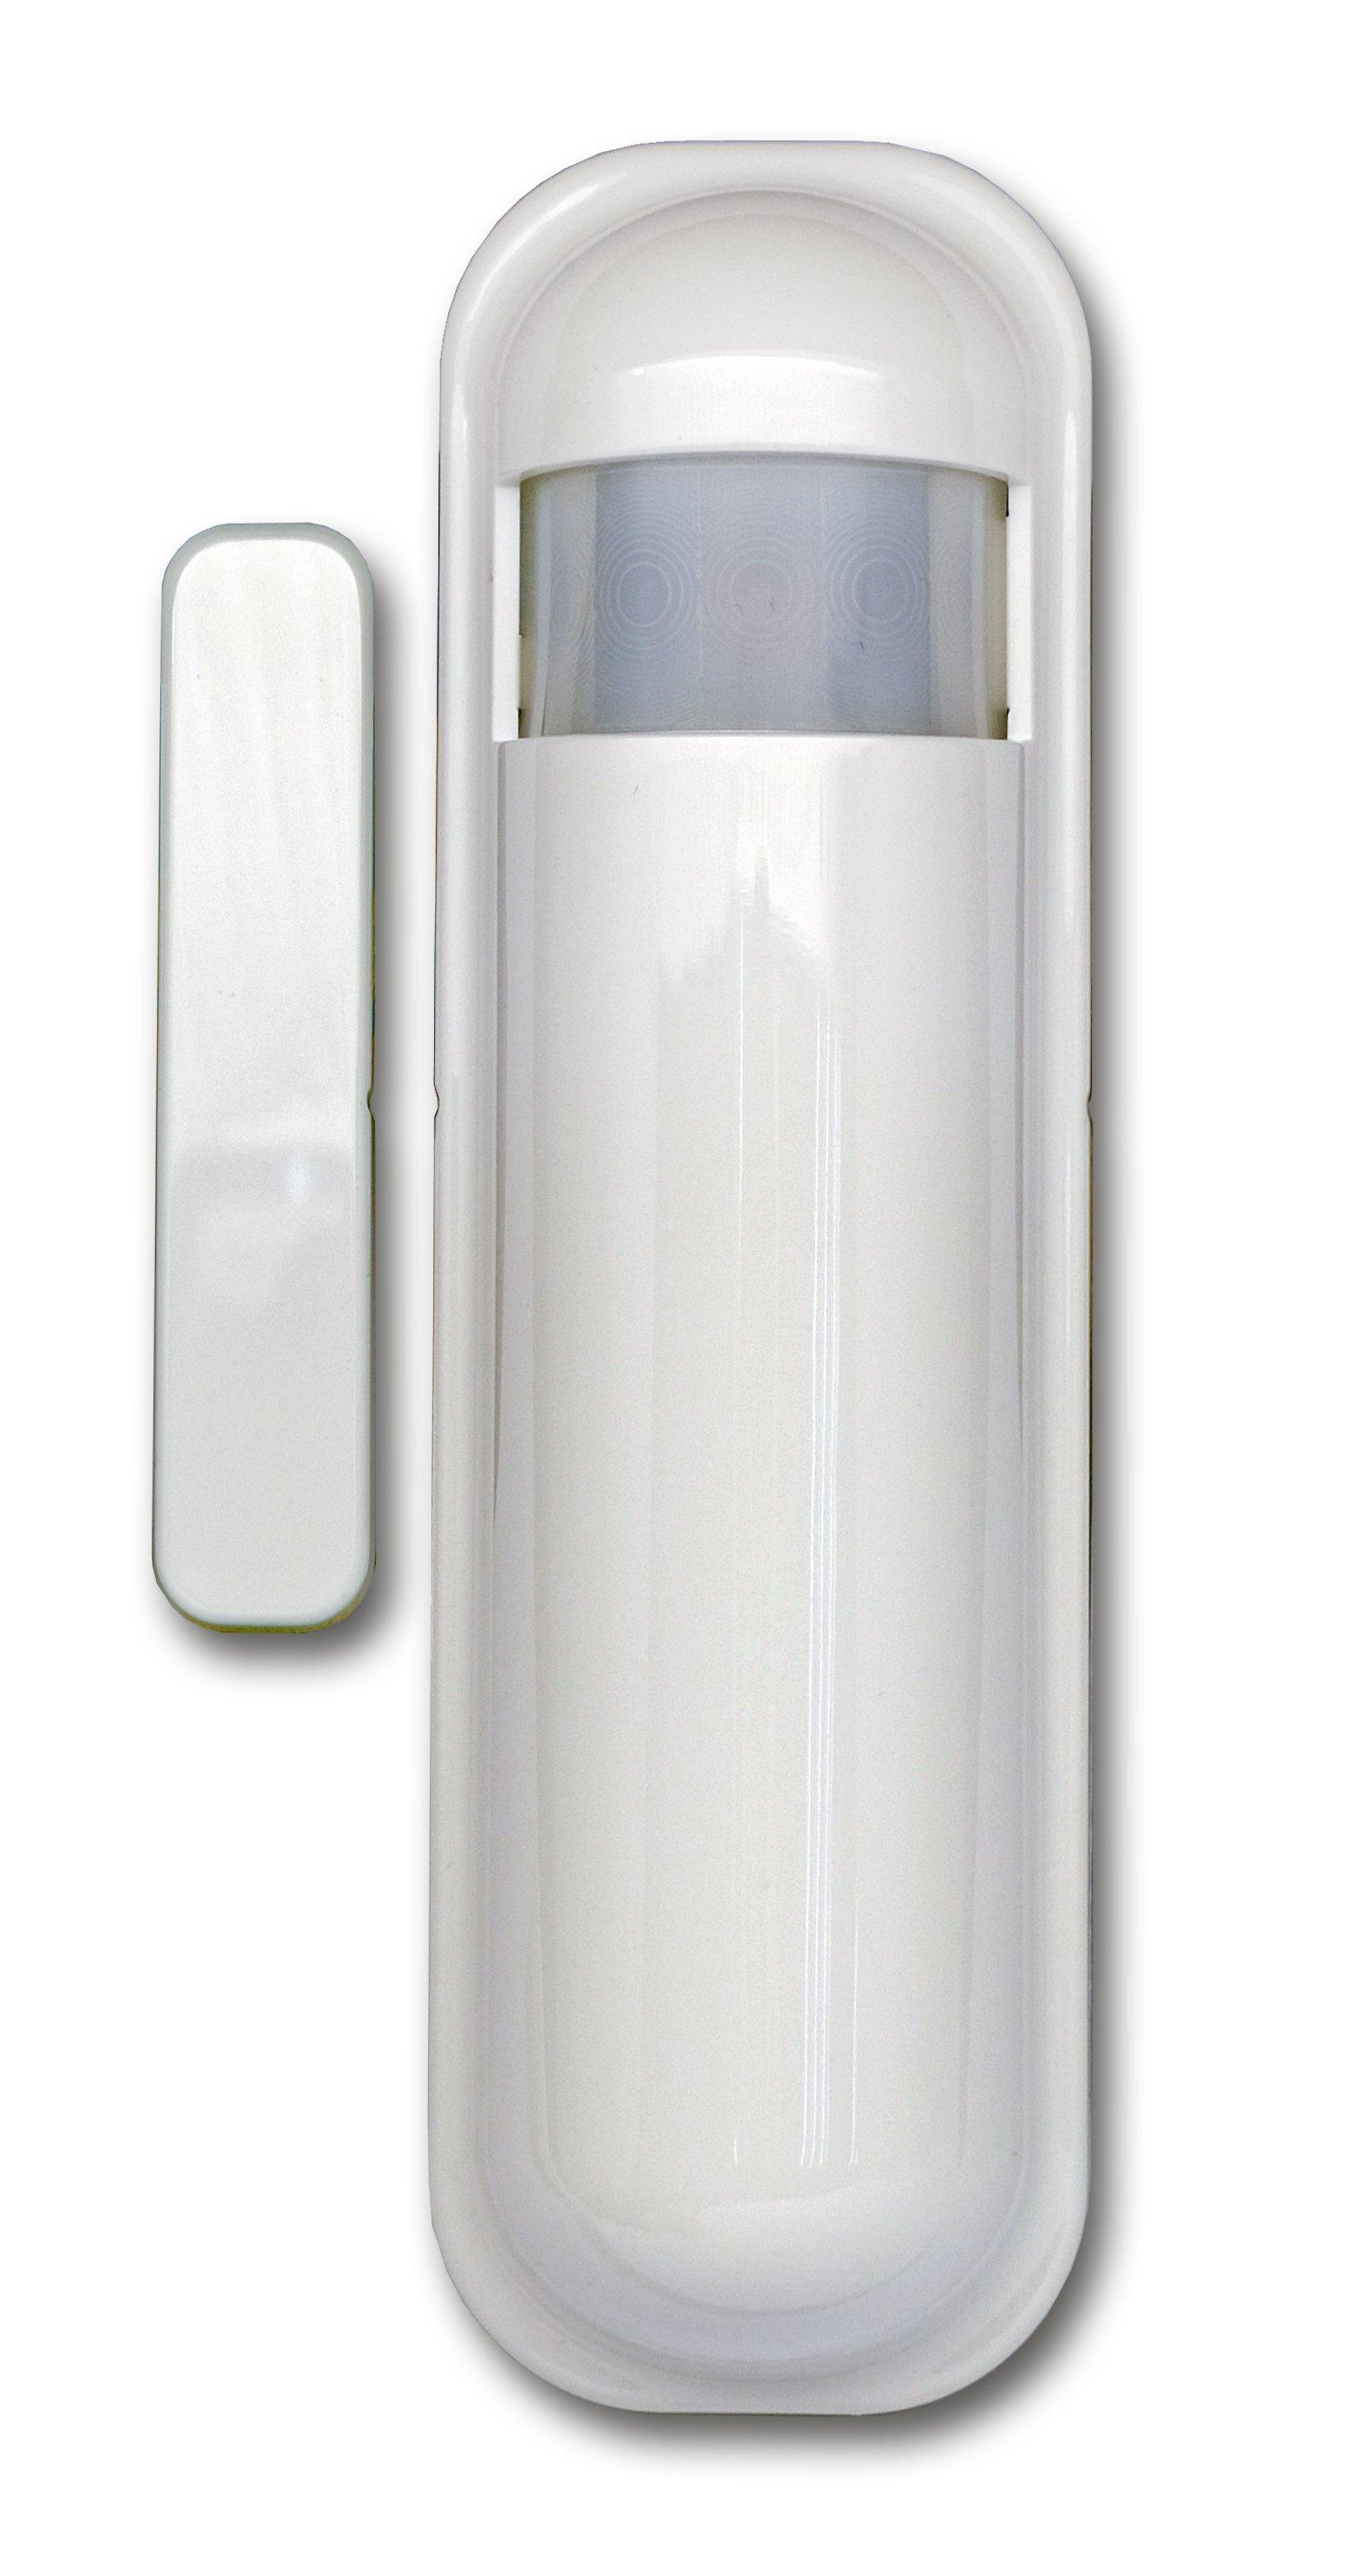 Philio 4 In 1 Sensor Door Window Temperature